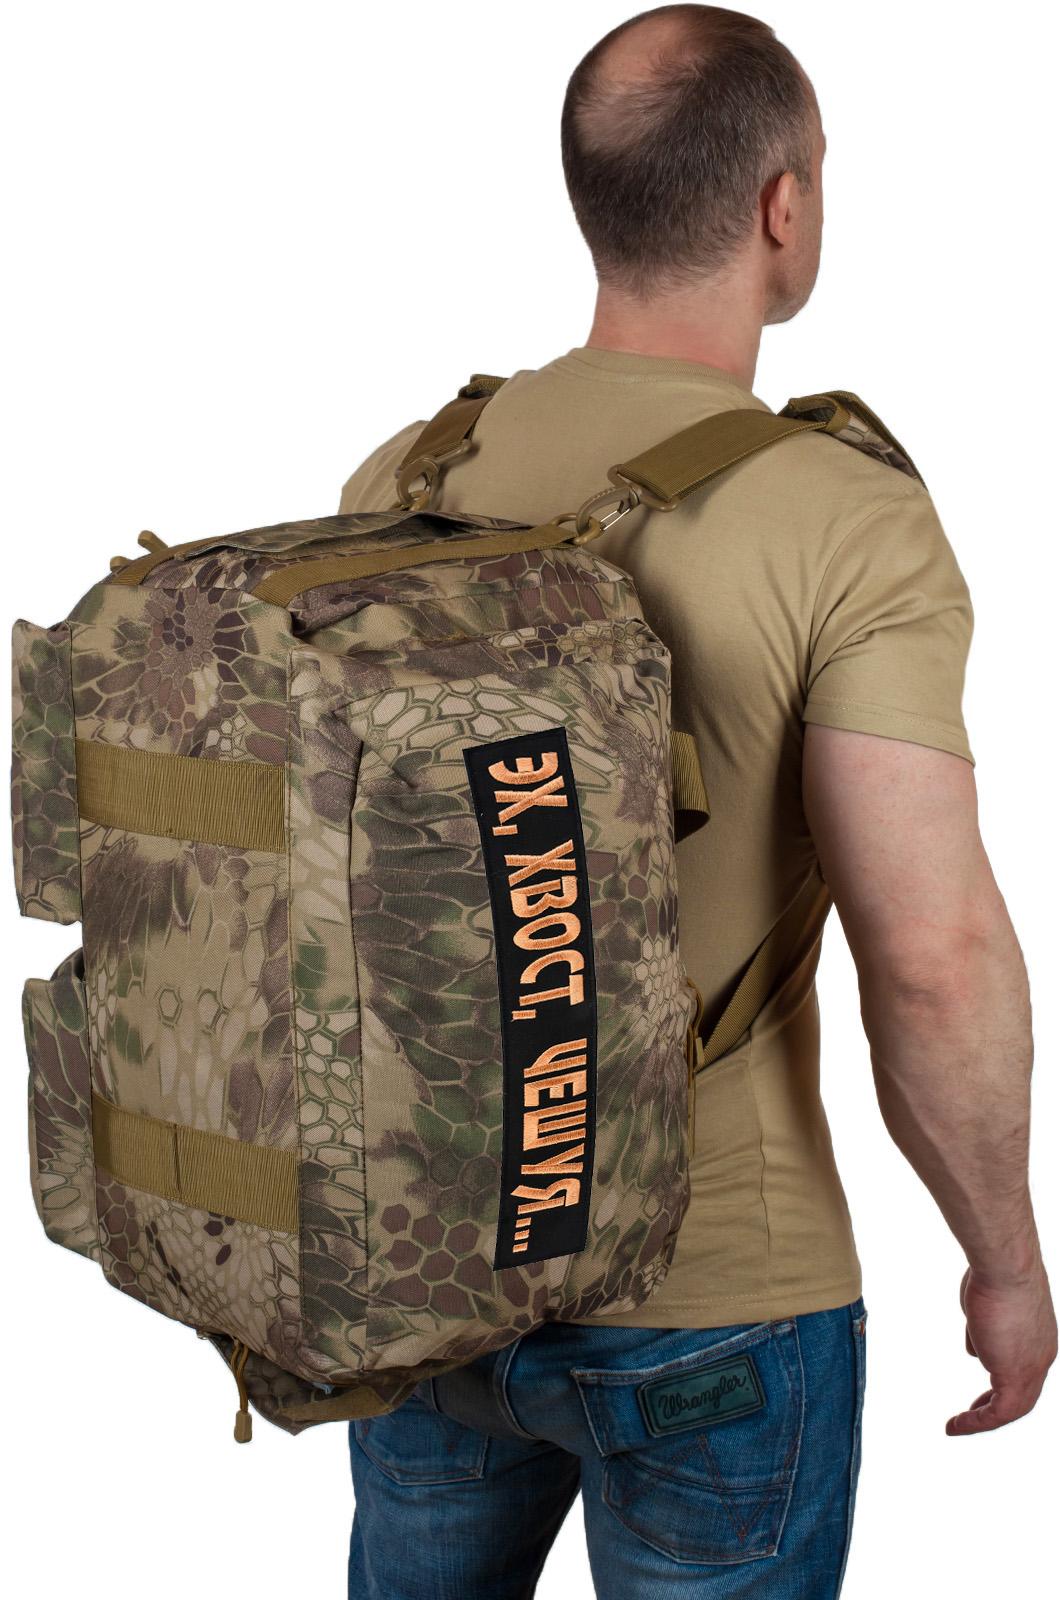 Купить заплечную тактическую сумку для походов Эх, Хвост, Чешуя с доставкой онлайн